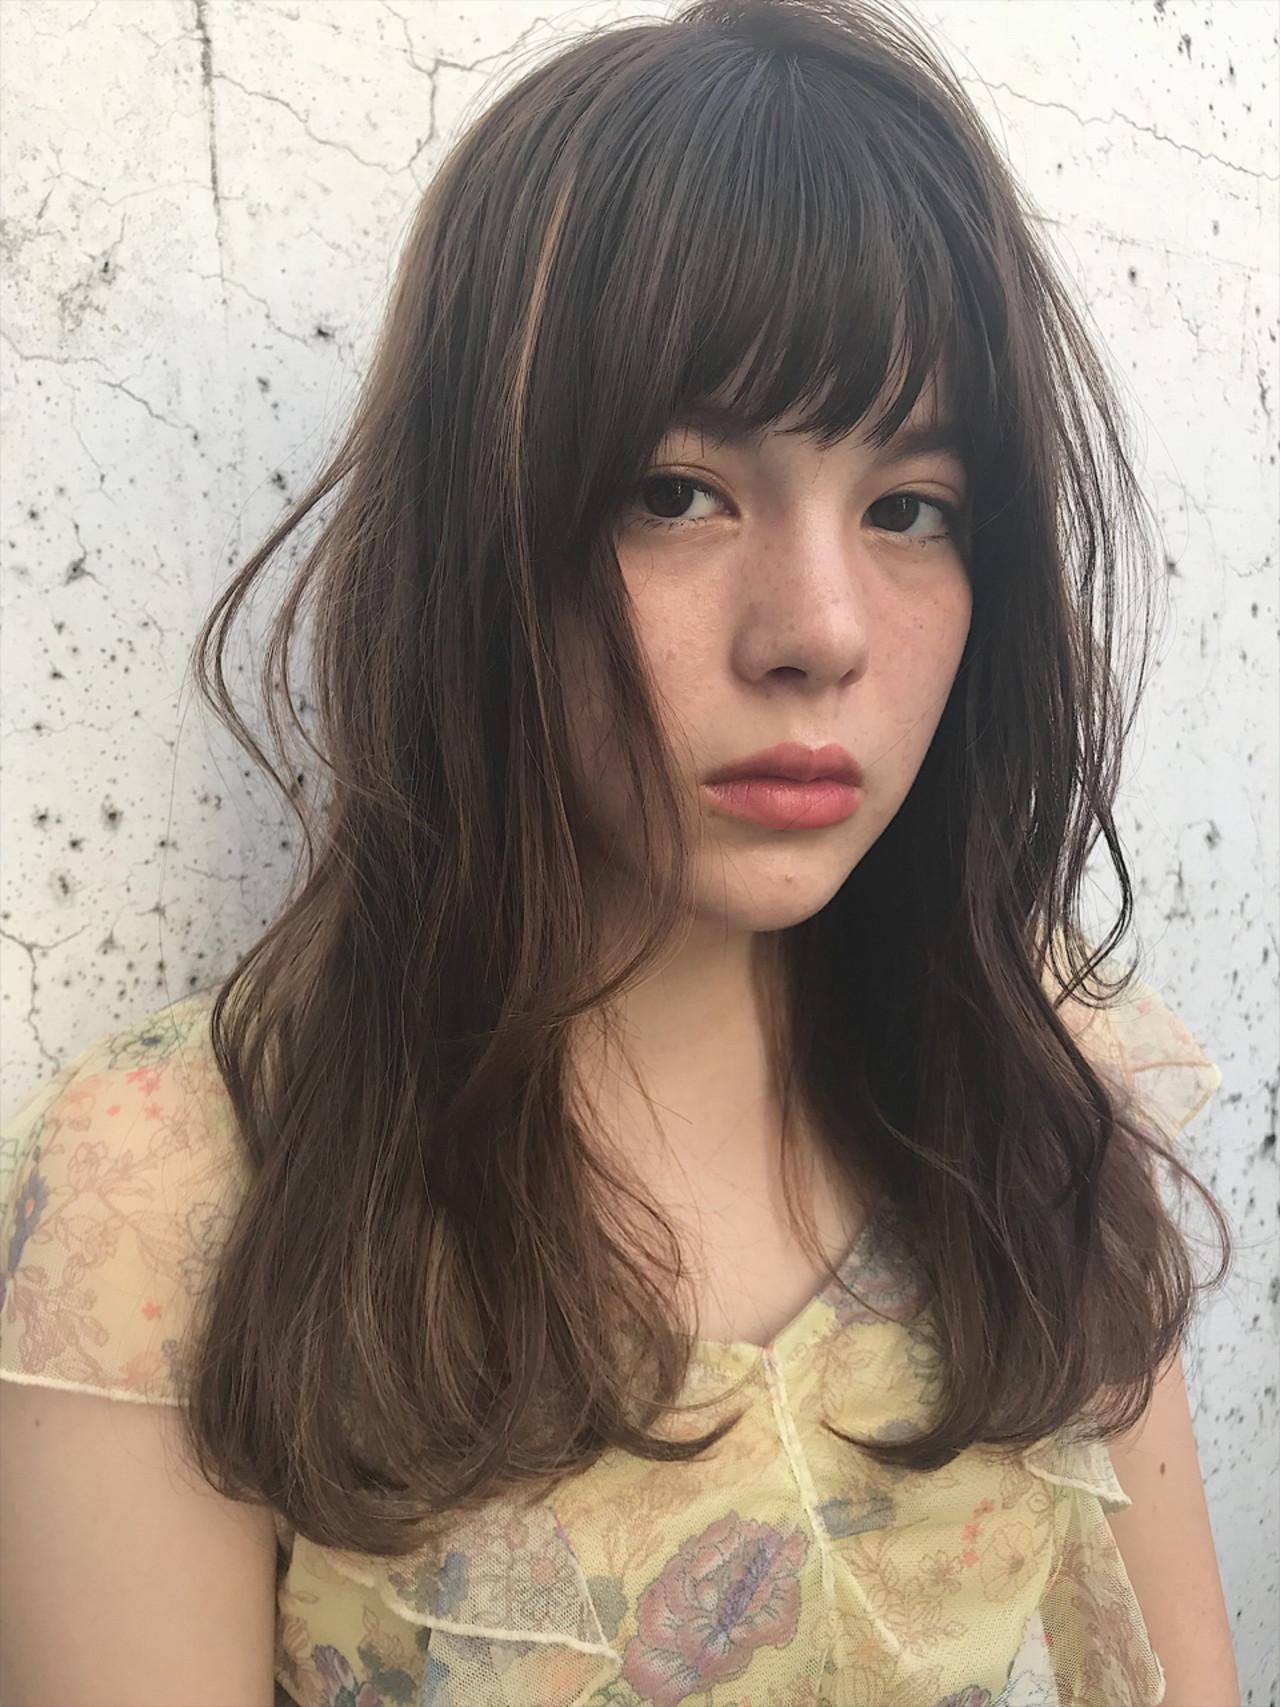 前髪あり デート フェミニン ヘアアレンジ ヘアスタイルや髪型の写真・画像 | さとうみさ / Sea by Lond 新宿